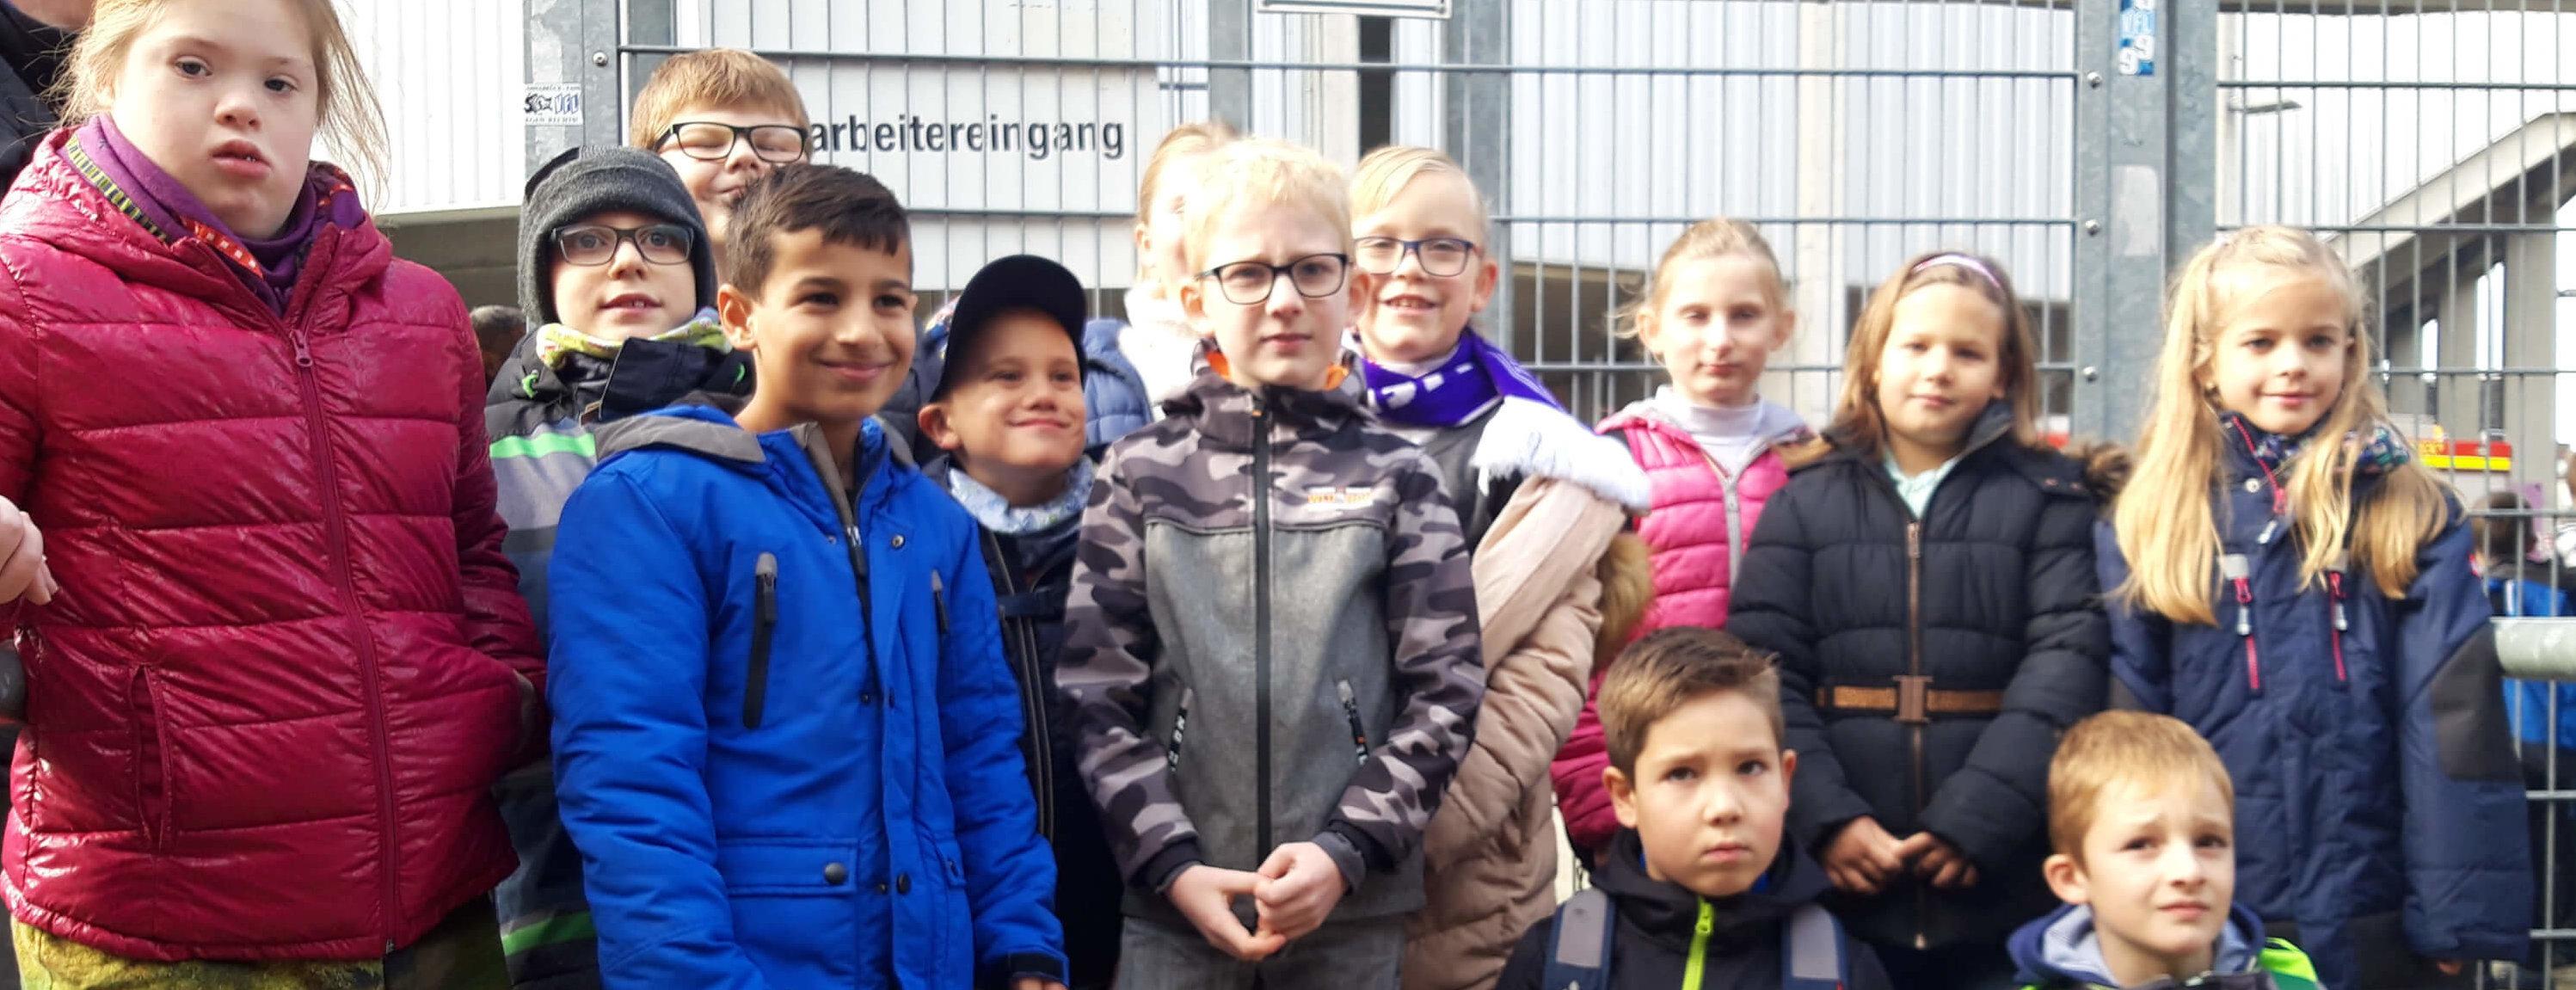 #Einlaufkinder VfL Osnabrück